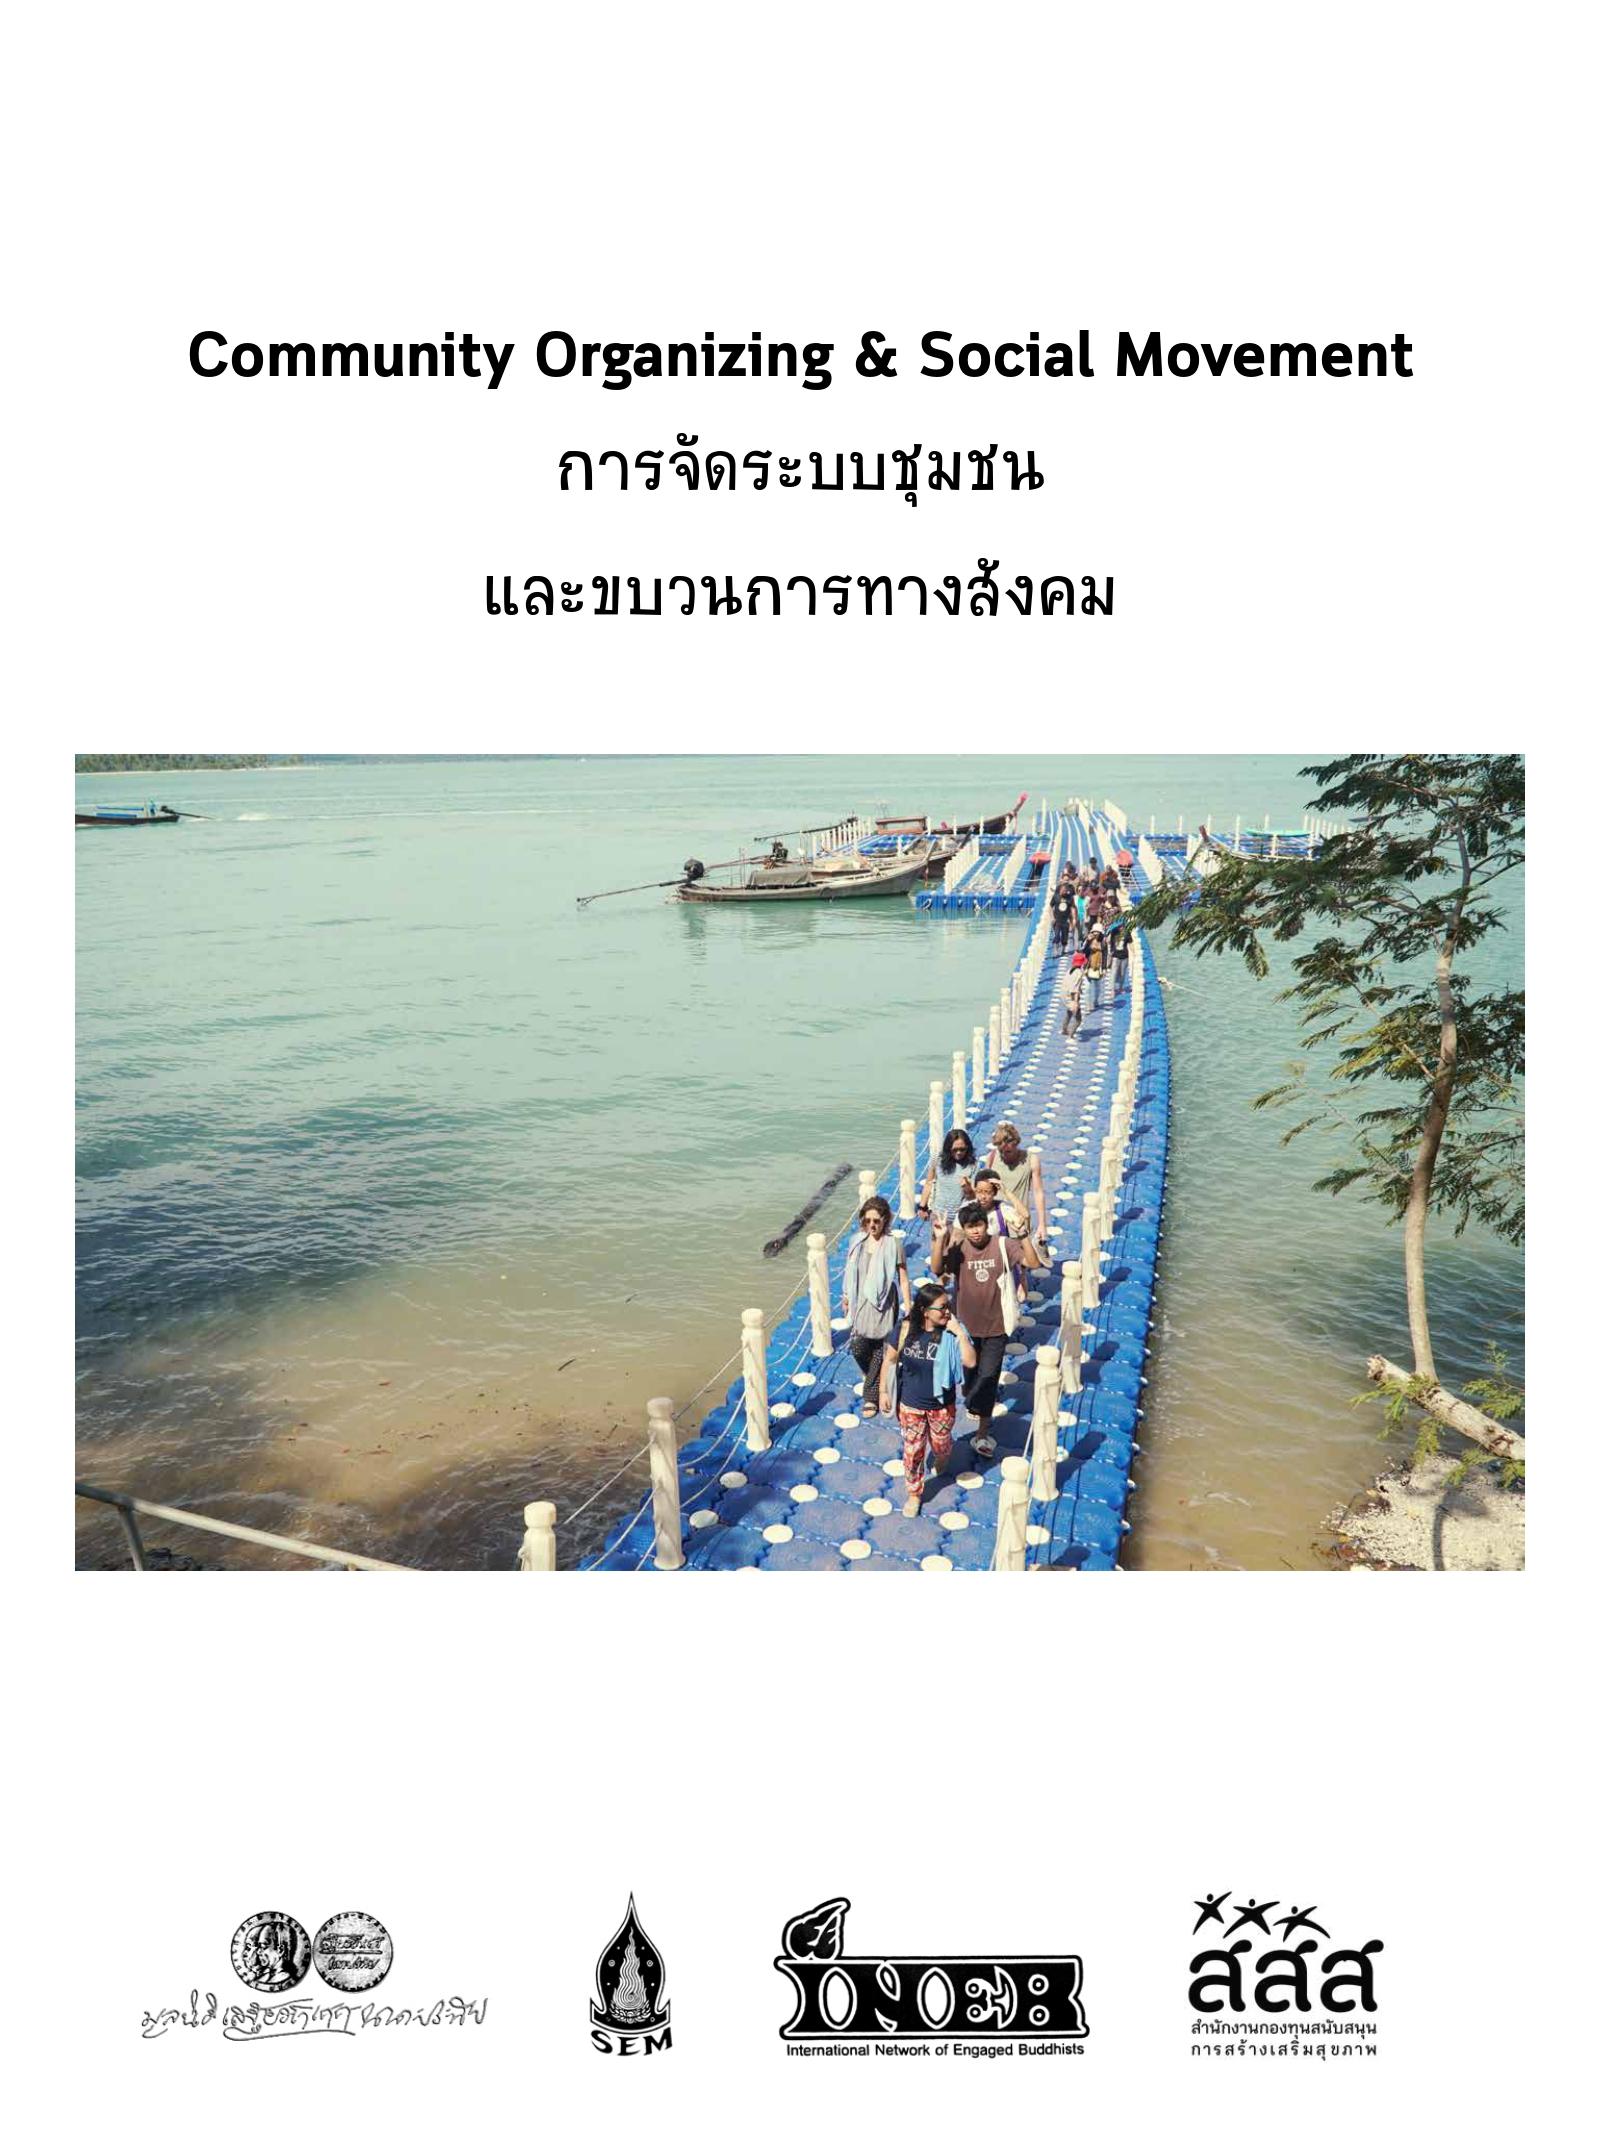 การจัดระบบชุมชน และขบวนการทางสังคม